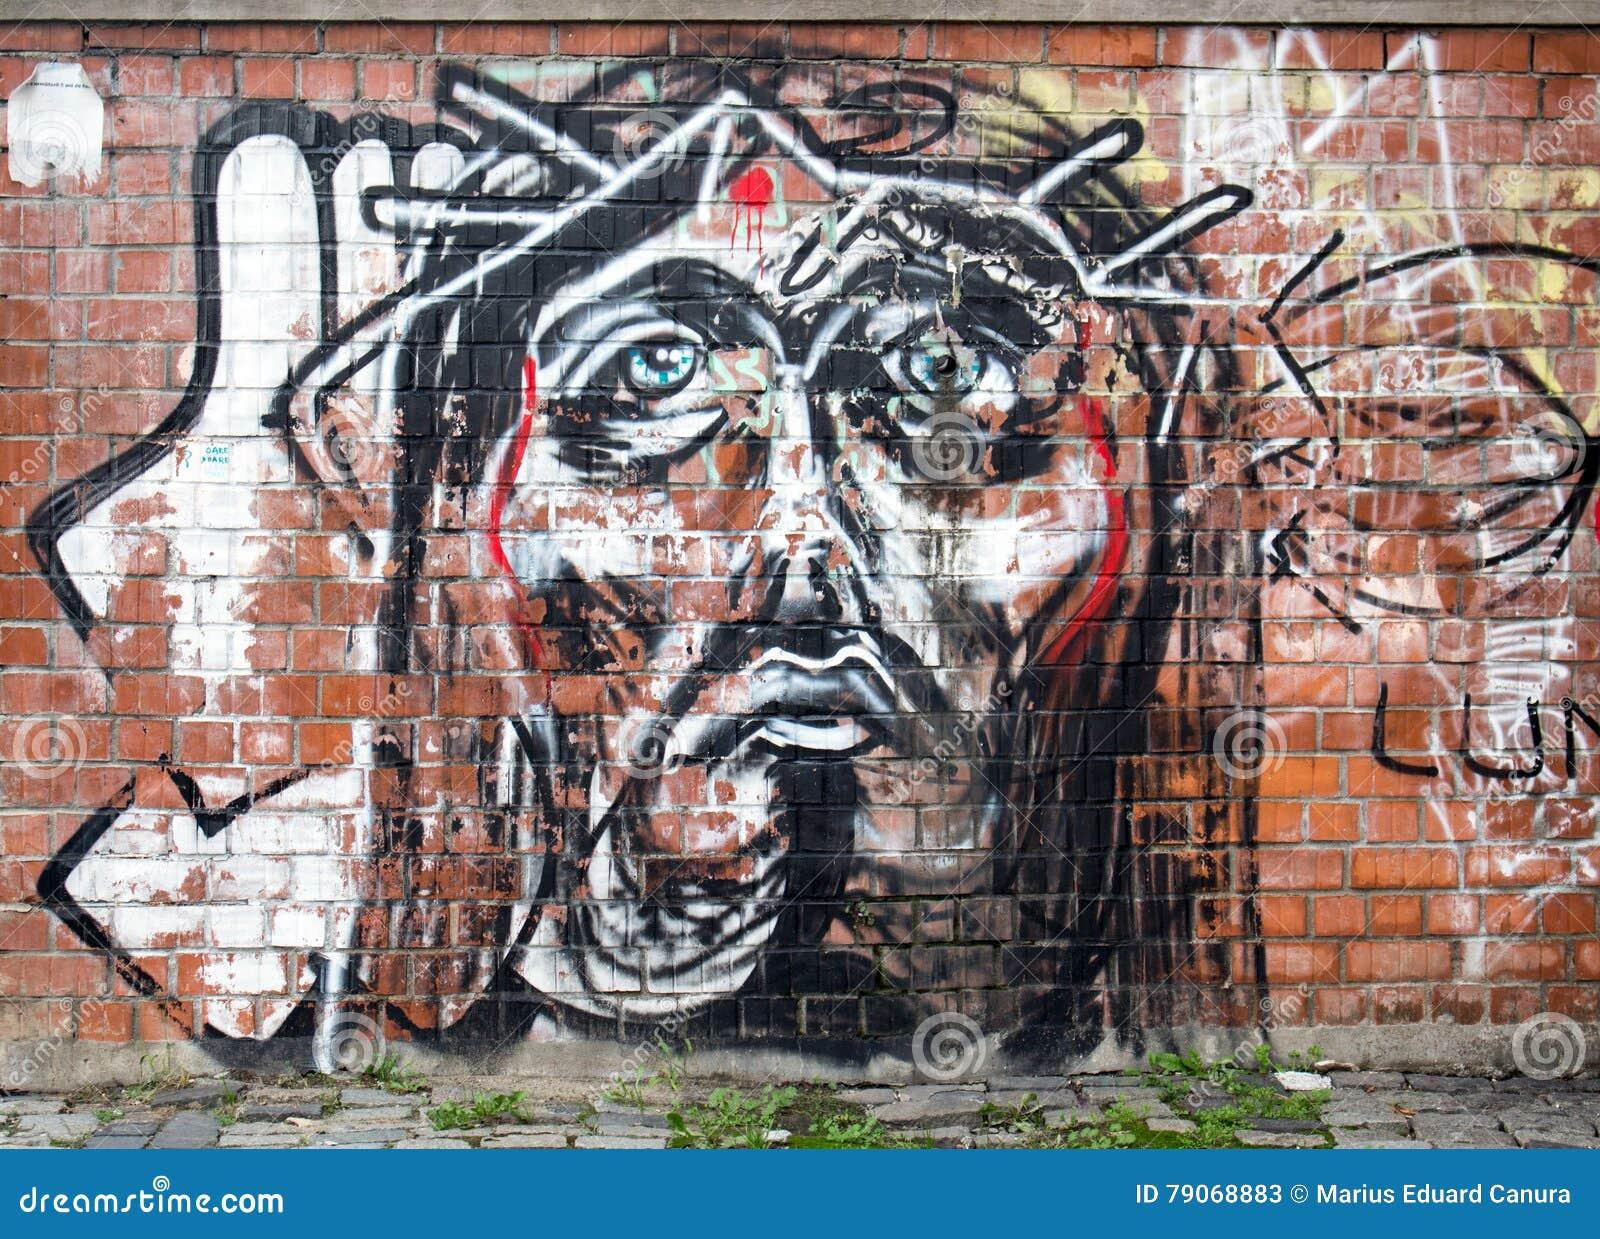 Moderne het schilderen graffiti op een muur in Boekarest die Jesus Christ-gezicht vertegenwoordigen